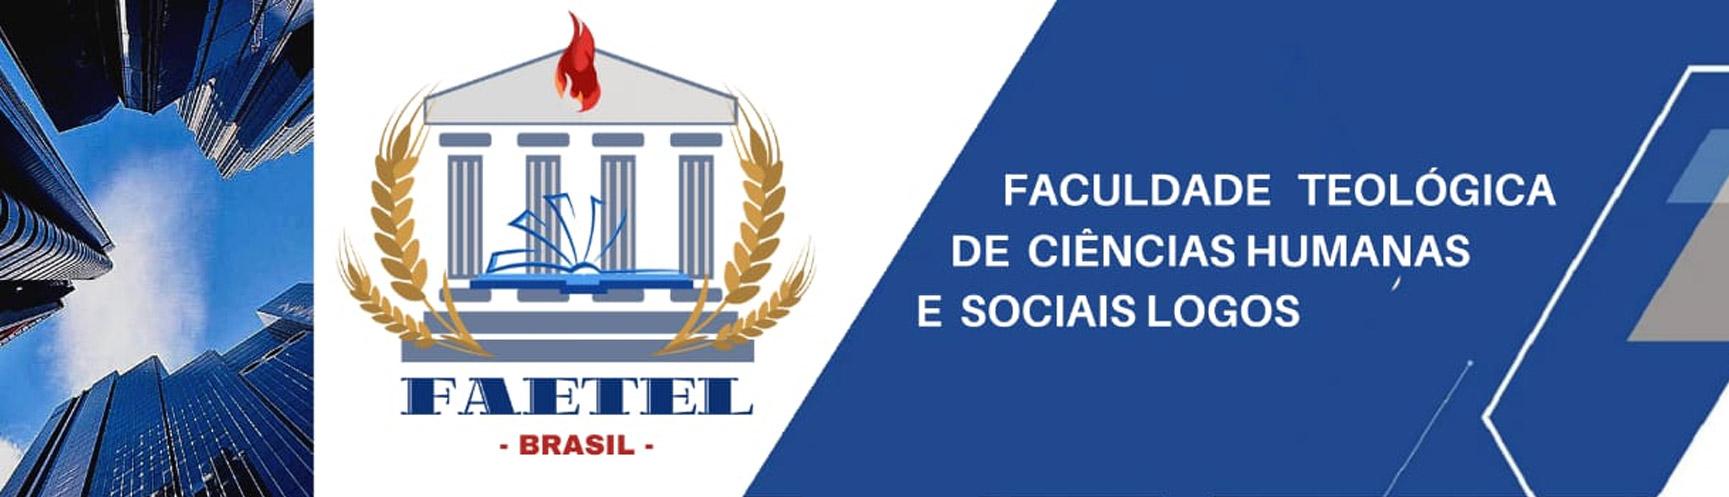 Faculdade Teológica de Ciências Humanas e Sociais Logos